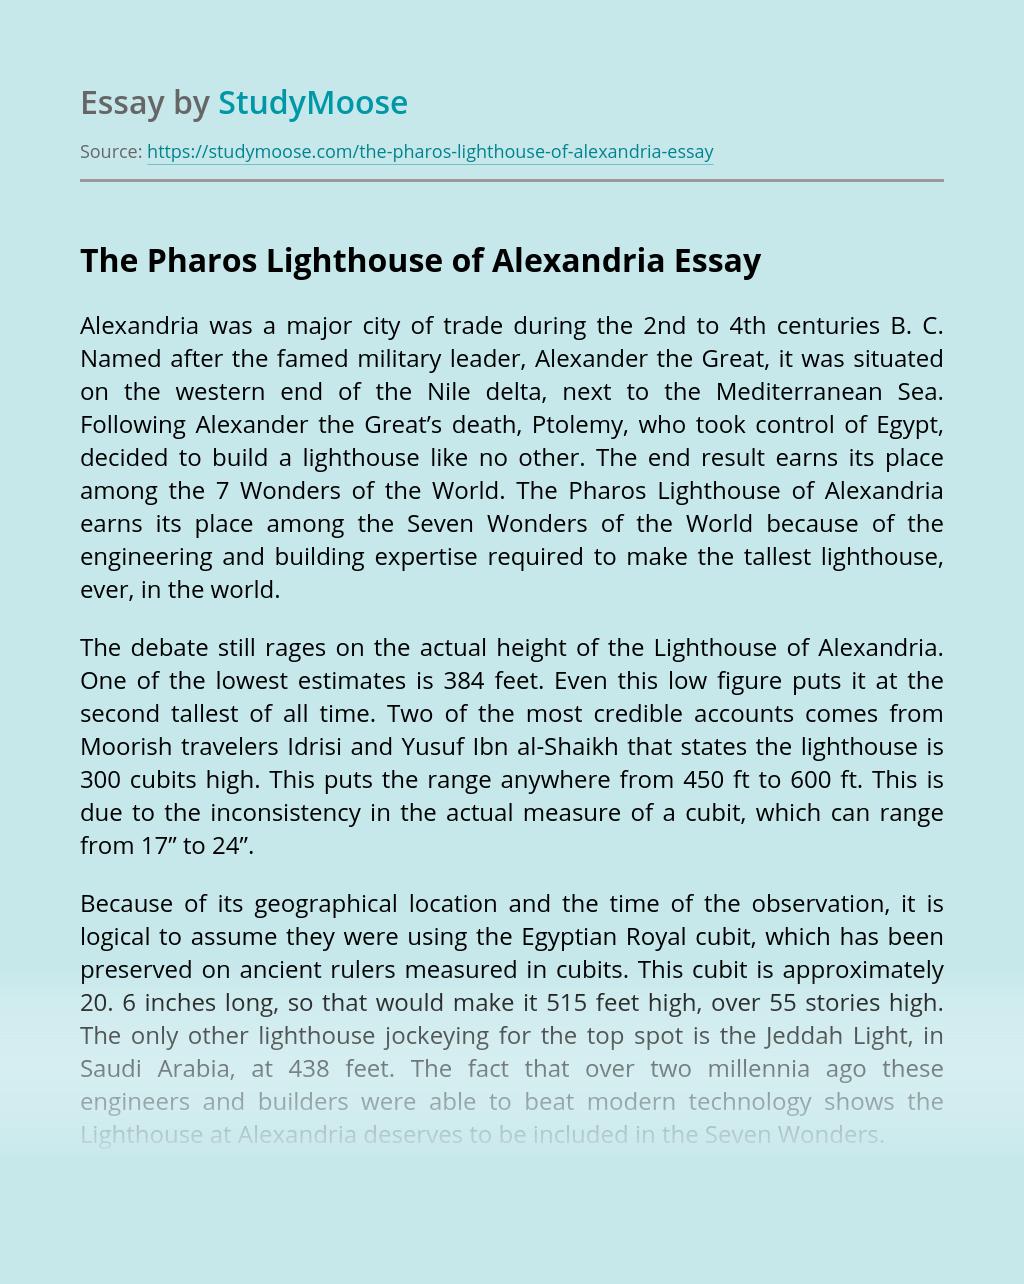 The Pharos Lighthouse of Alexandria